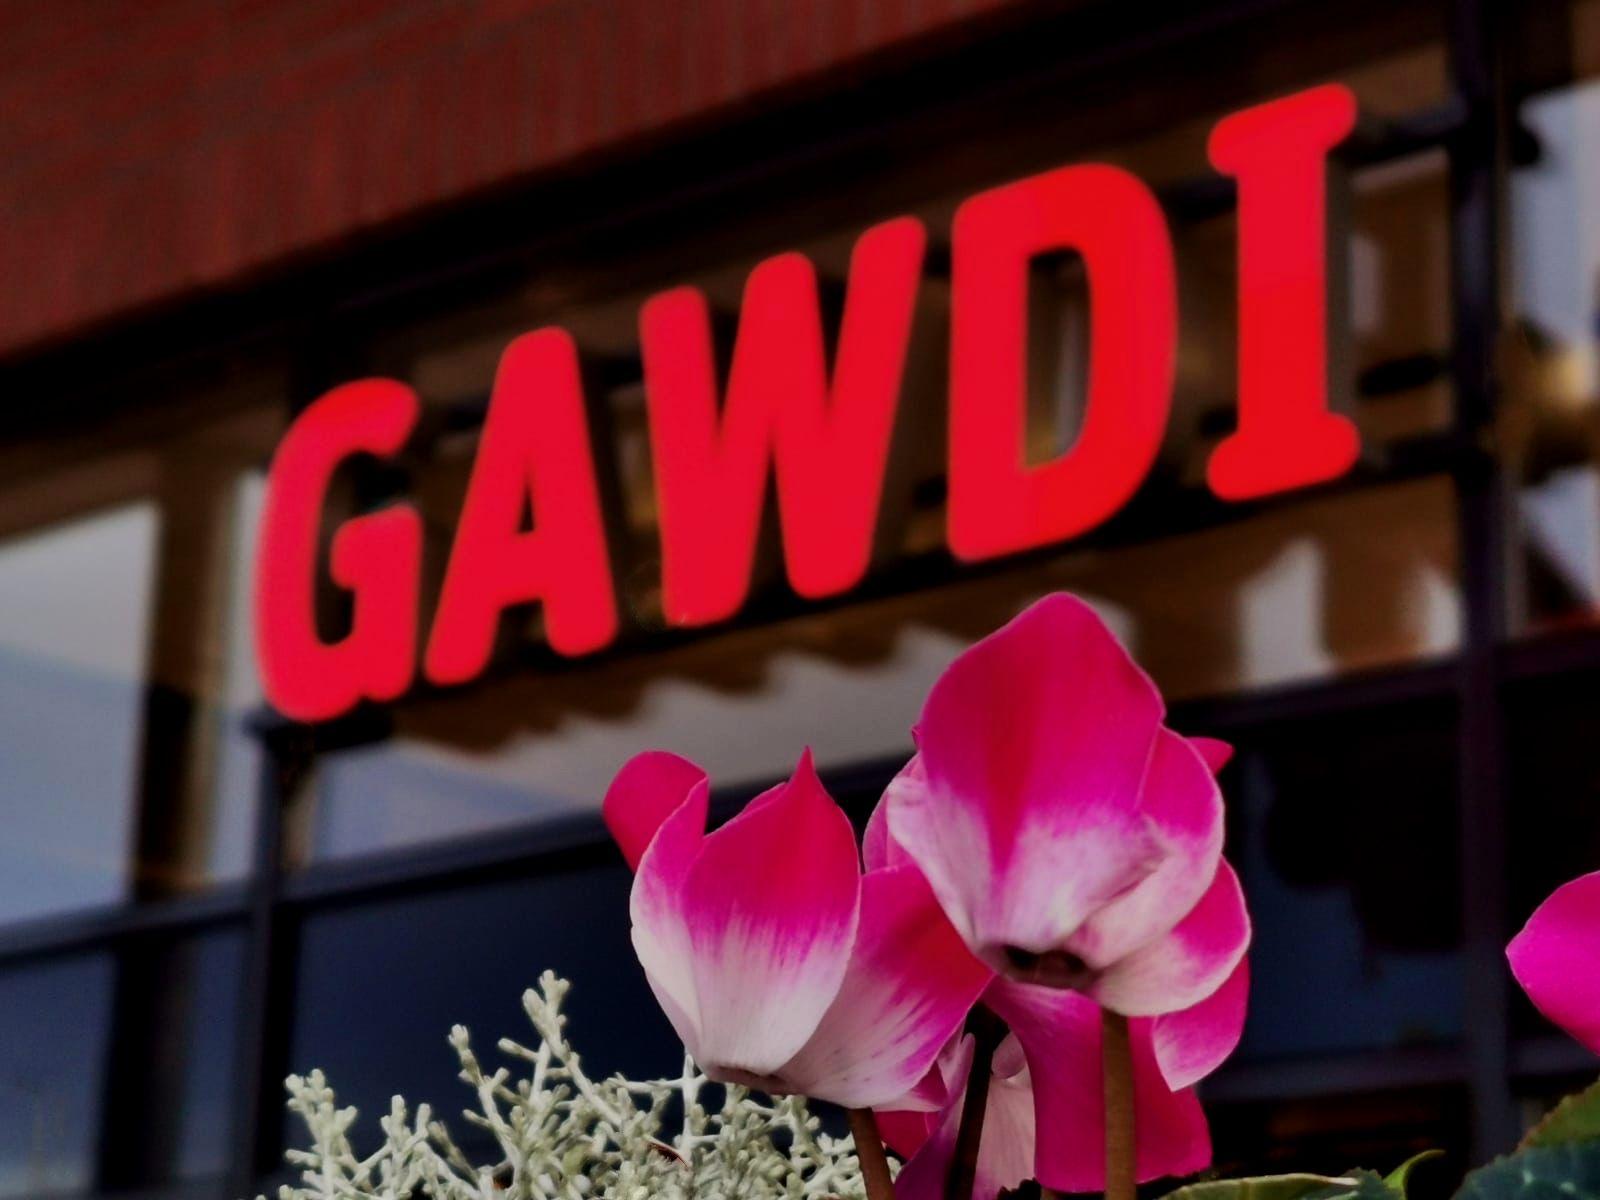 REWE Gawdi